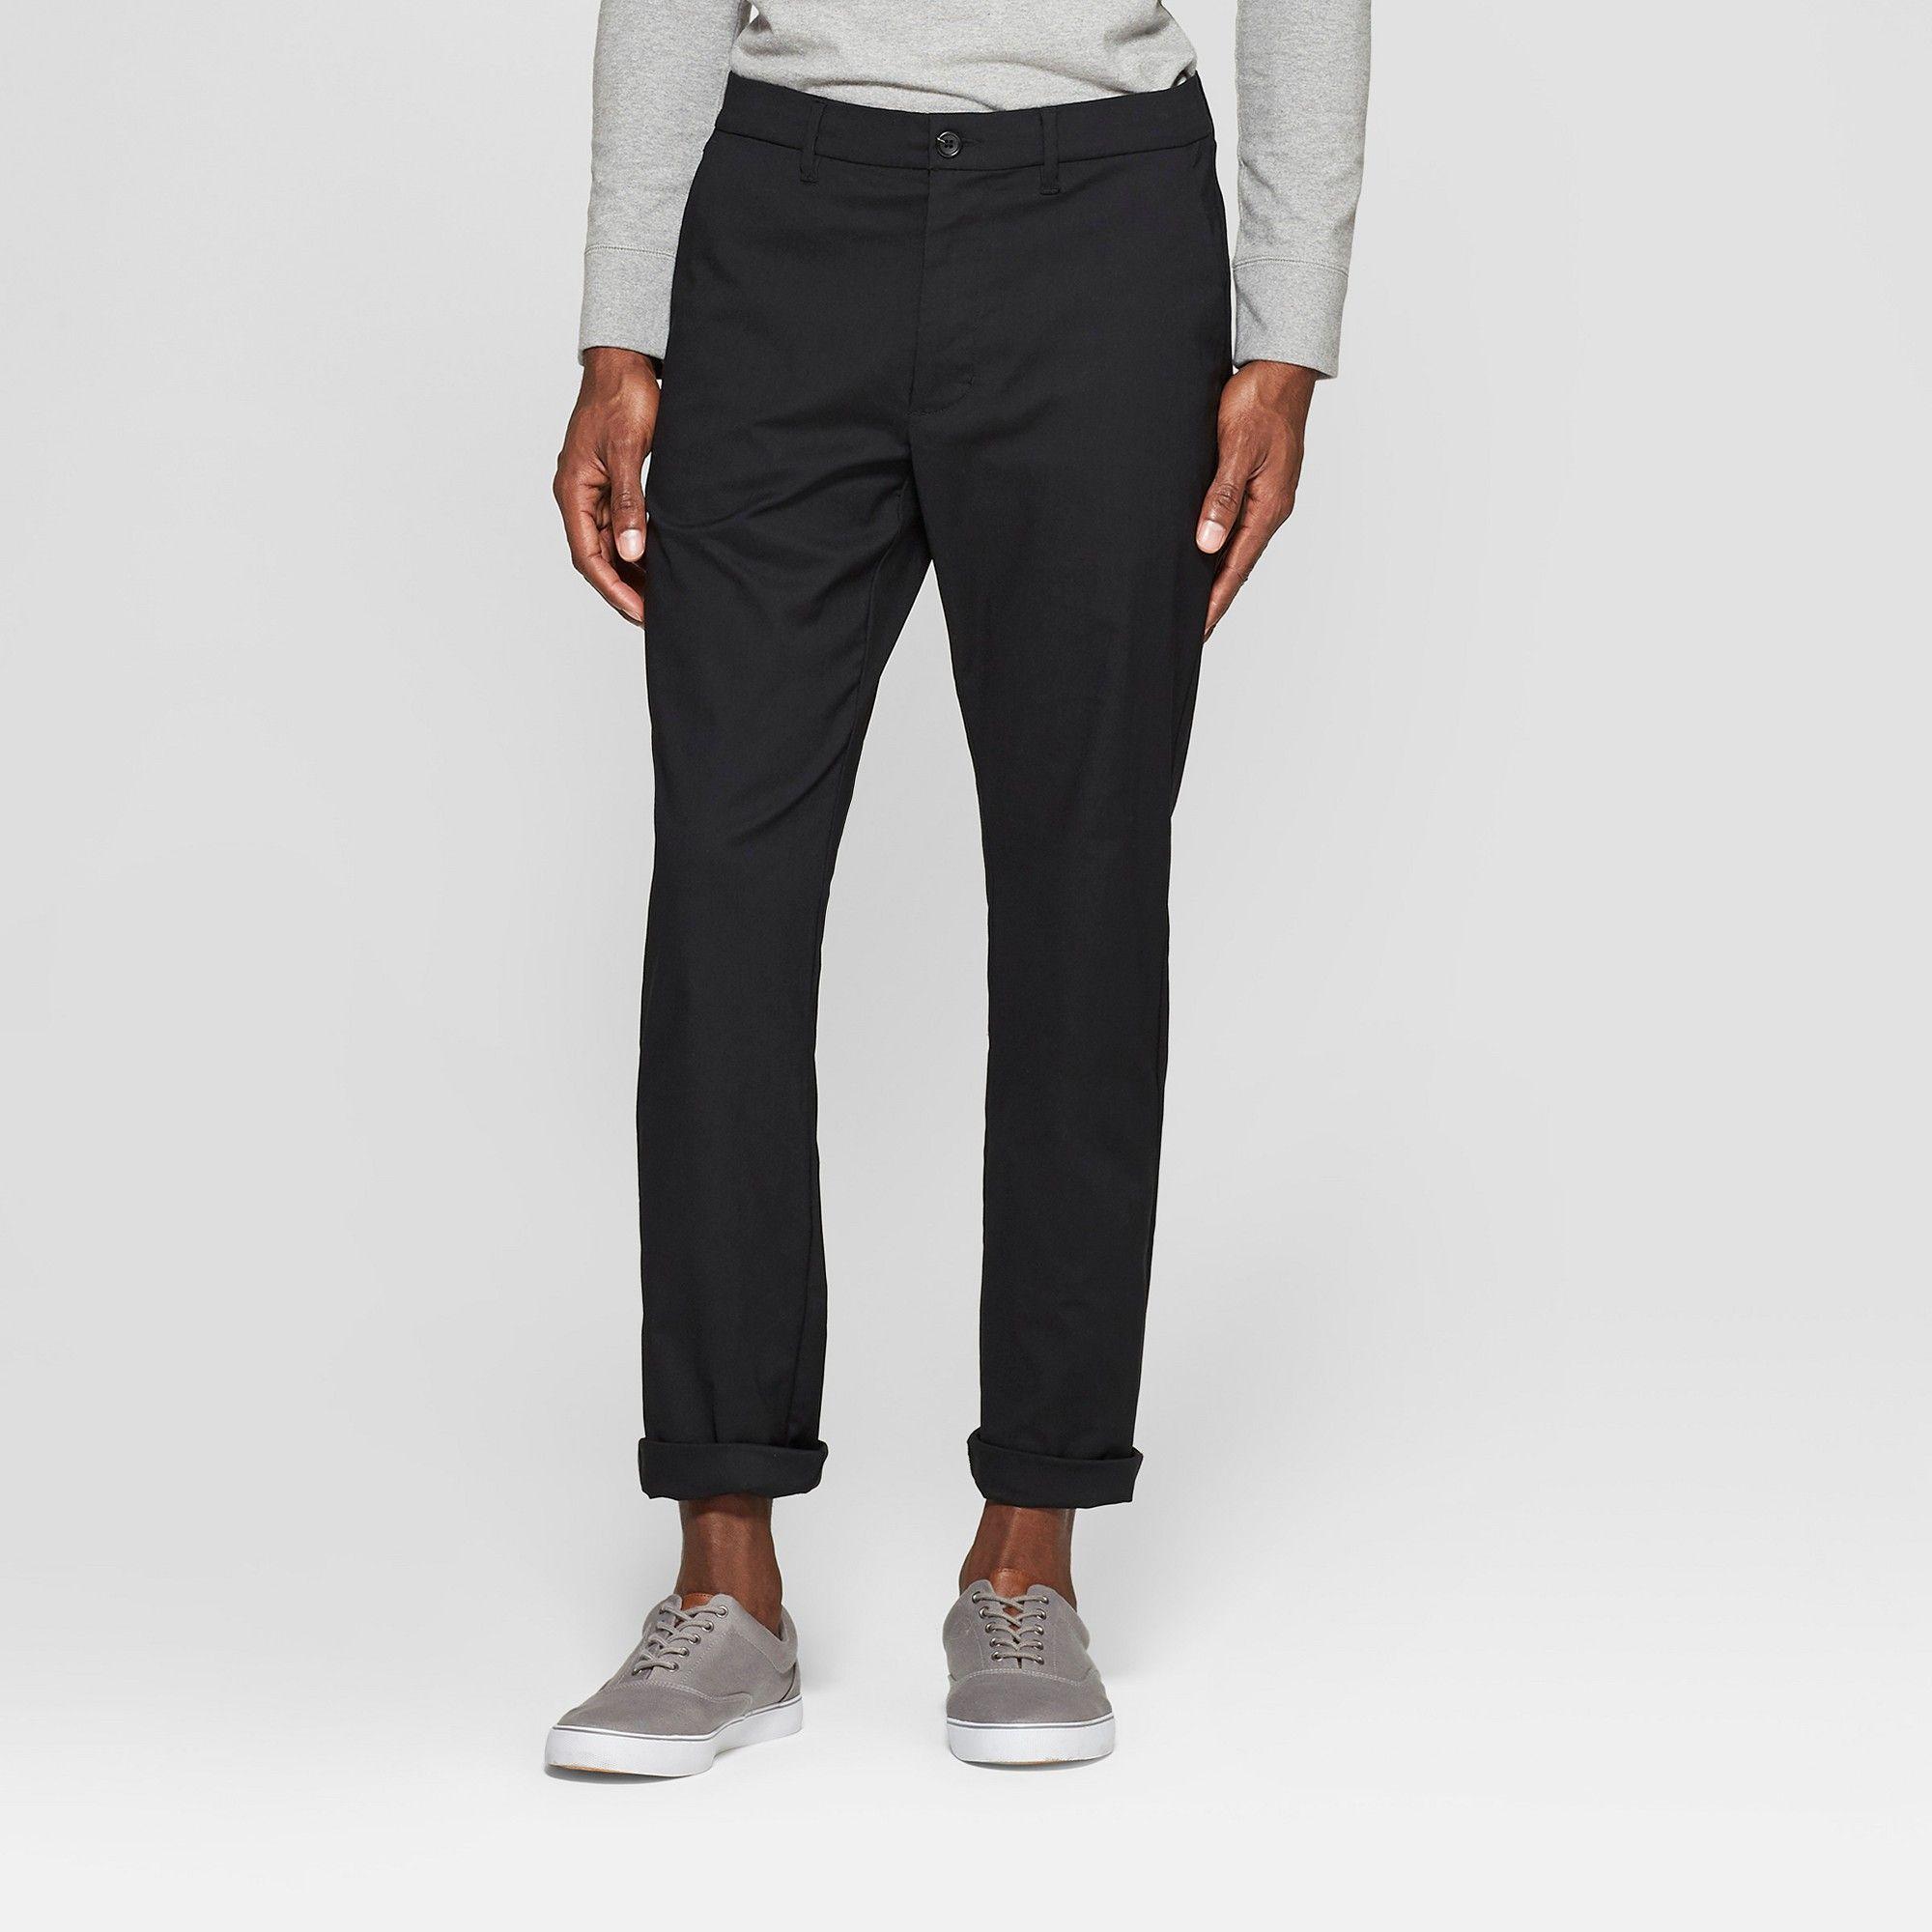 3f7e86dbbb5e Men's Tech Chino Pants - Goodfellow & Co™ Black 32x34 in 2019 ...